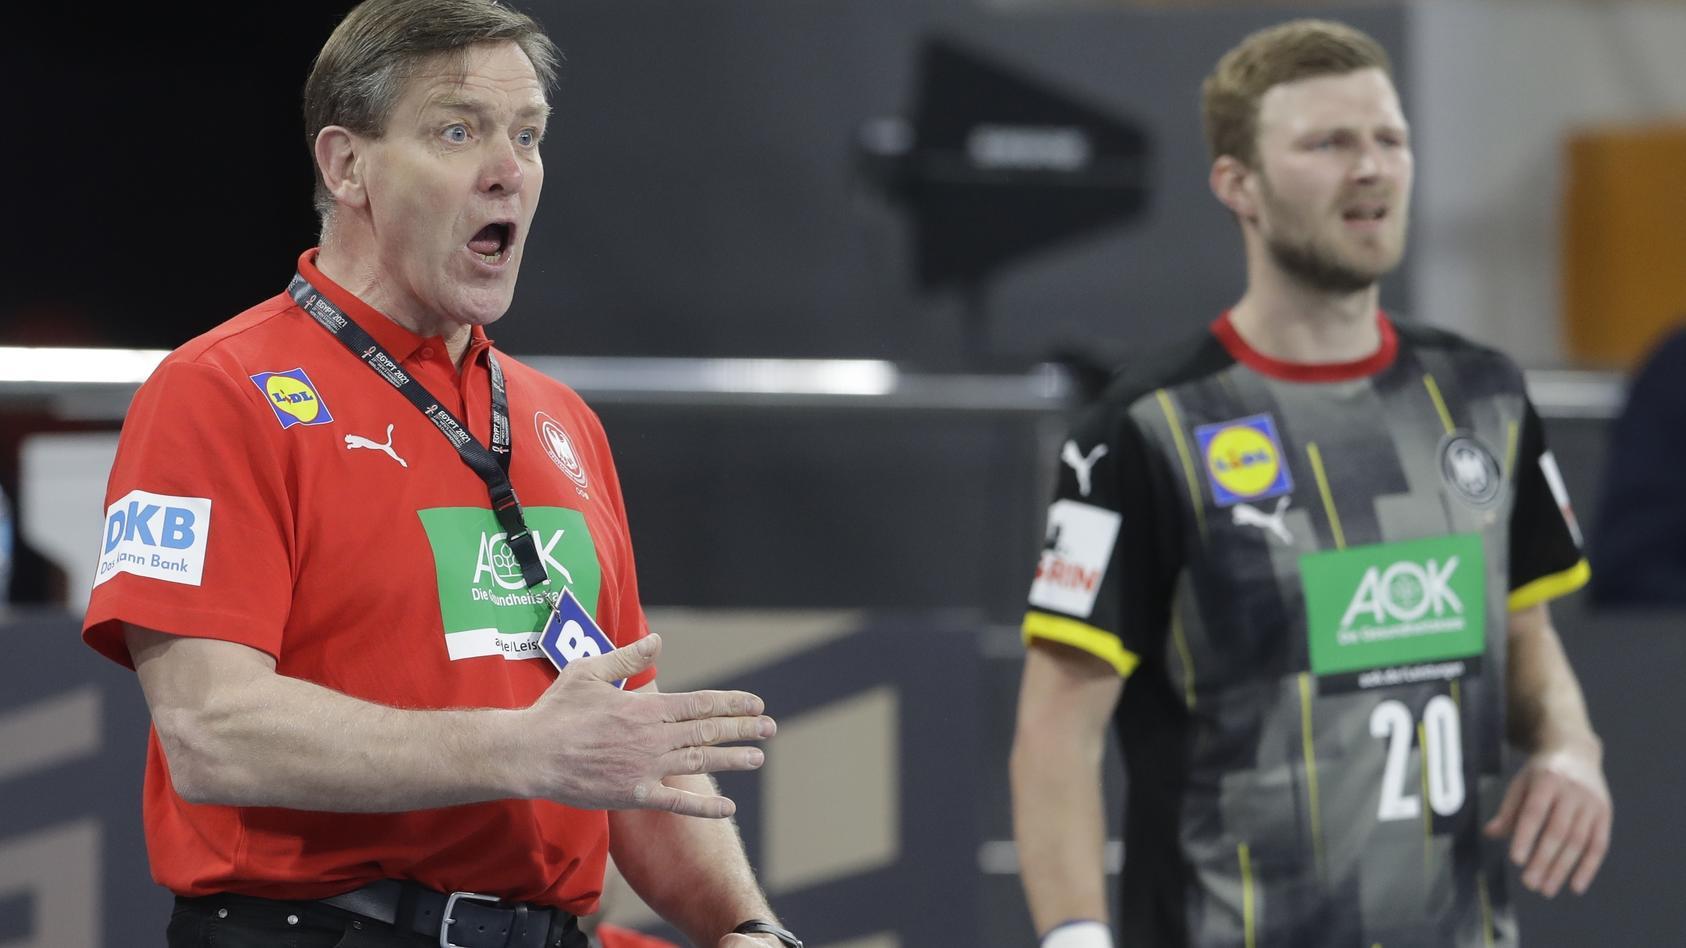 Das DHB-Team hat das Viertelfinale der Handball-WM verpasst